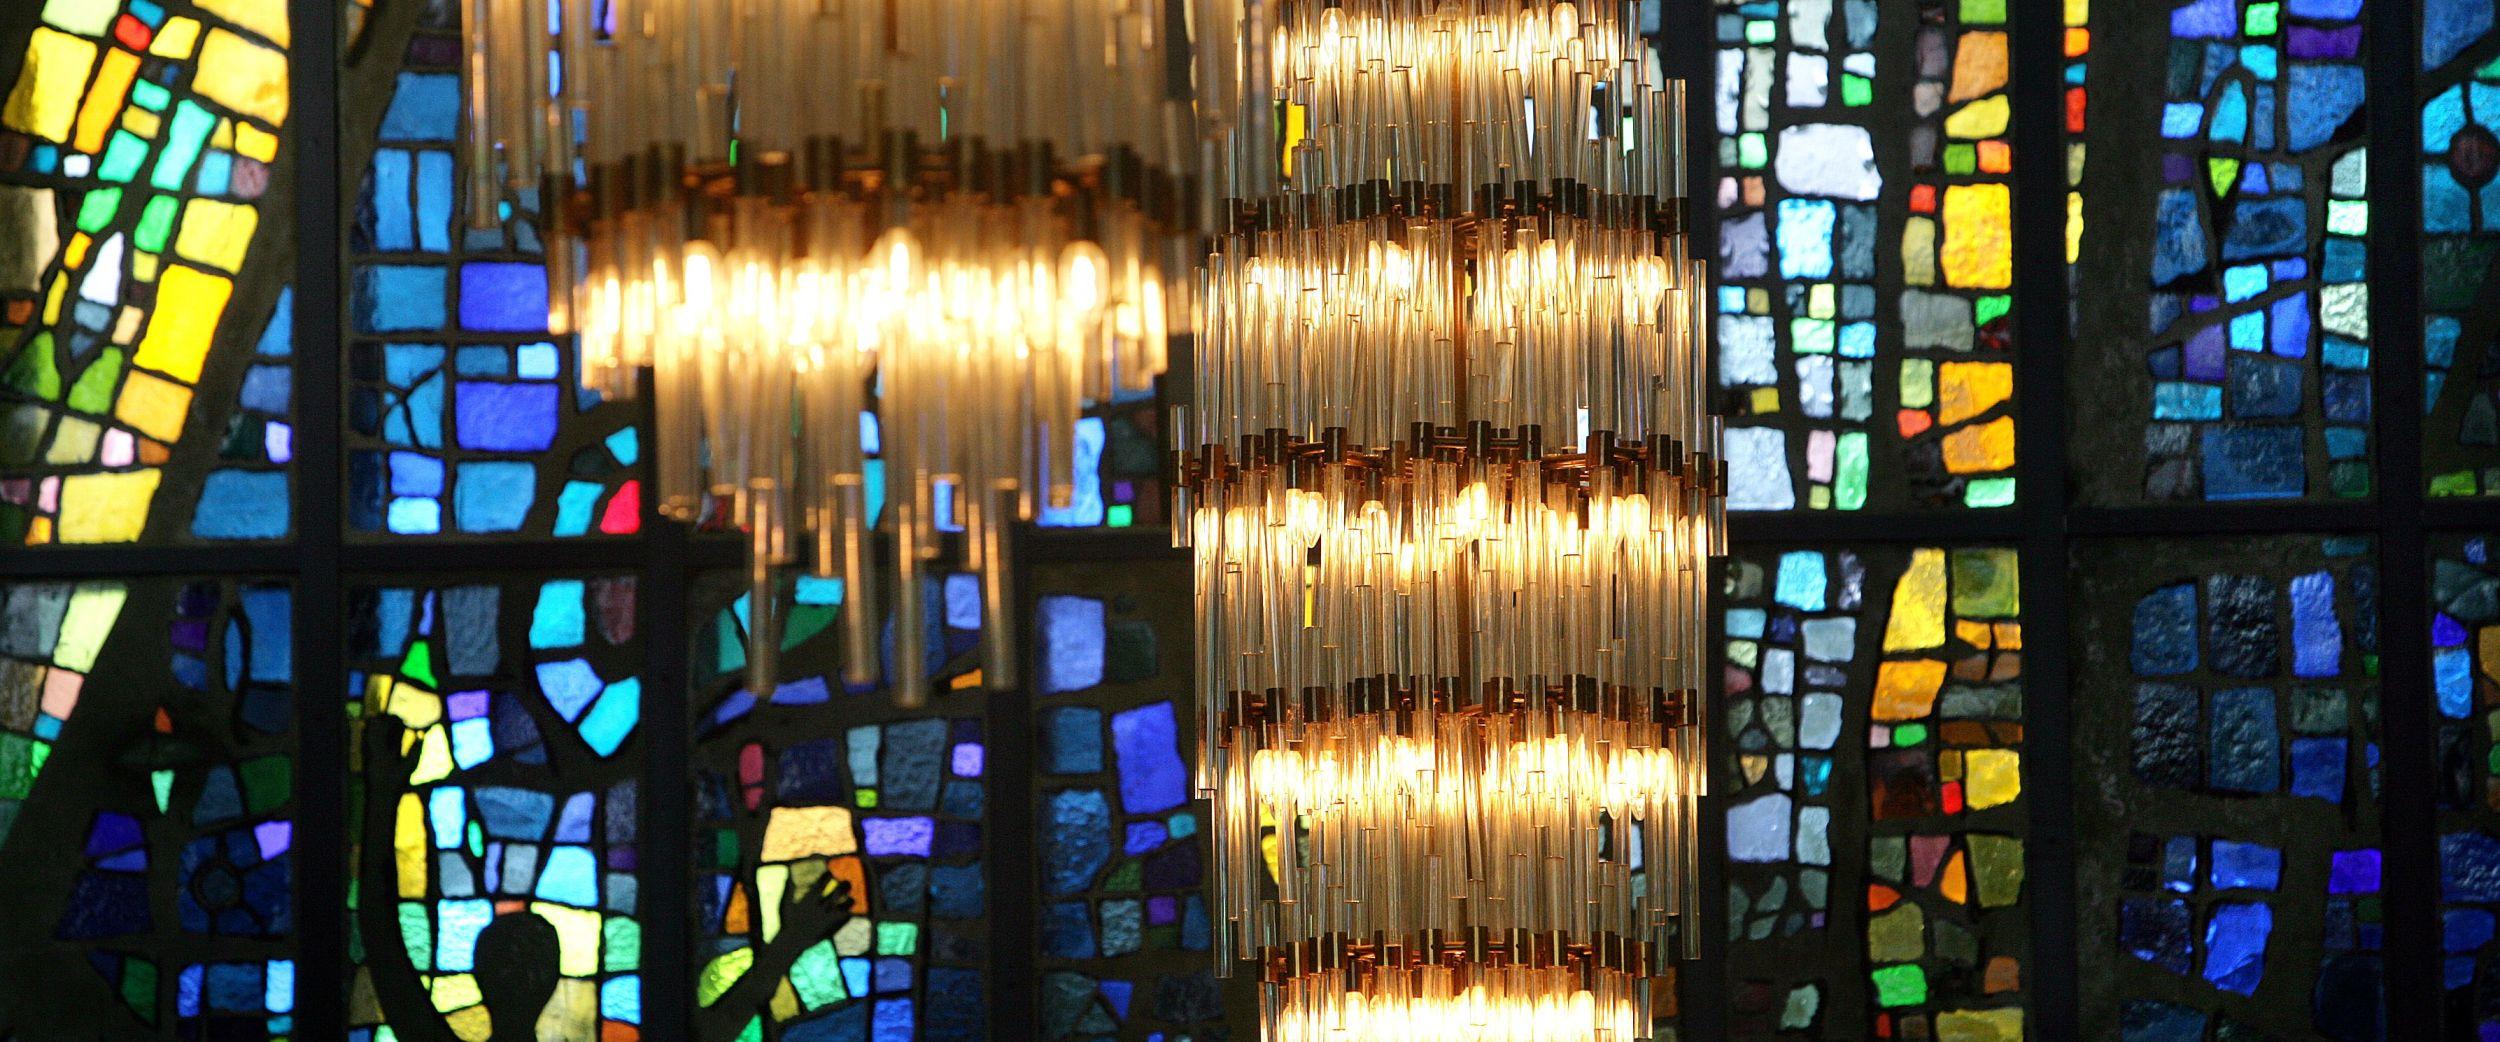 Interiør, glasmaleri og lysekruner i Ishavskatedralen